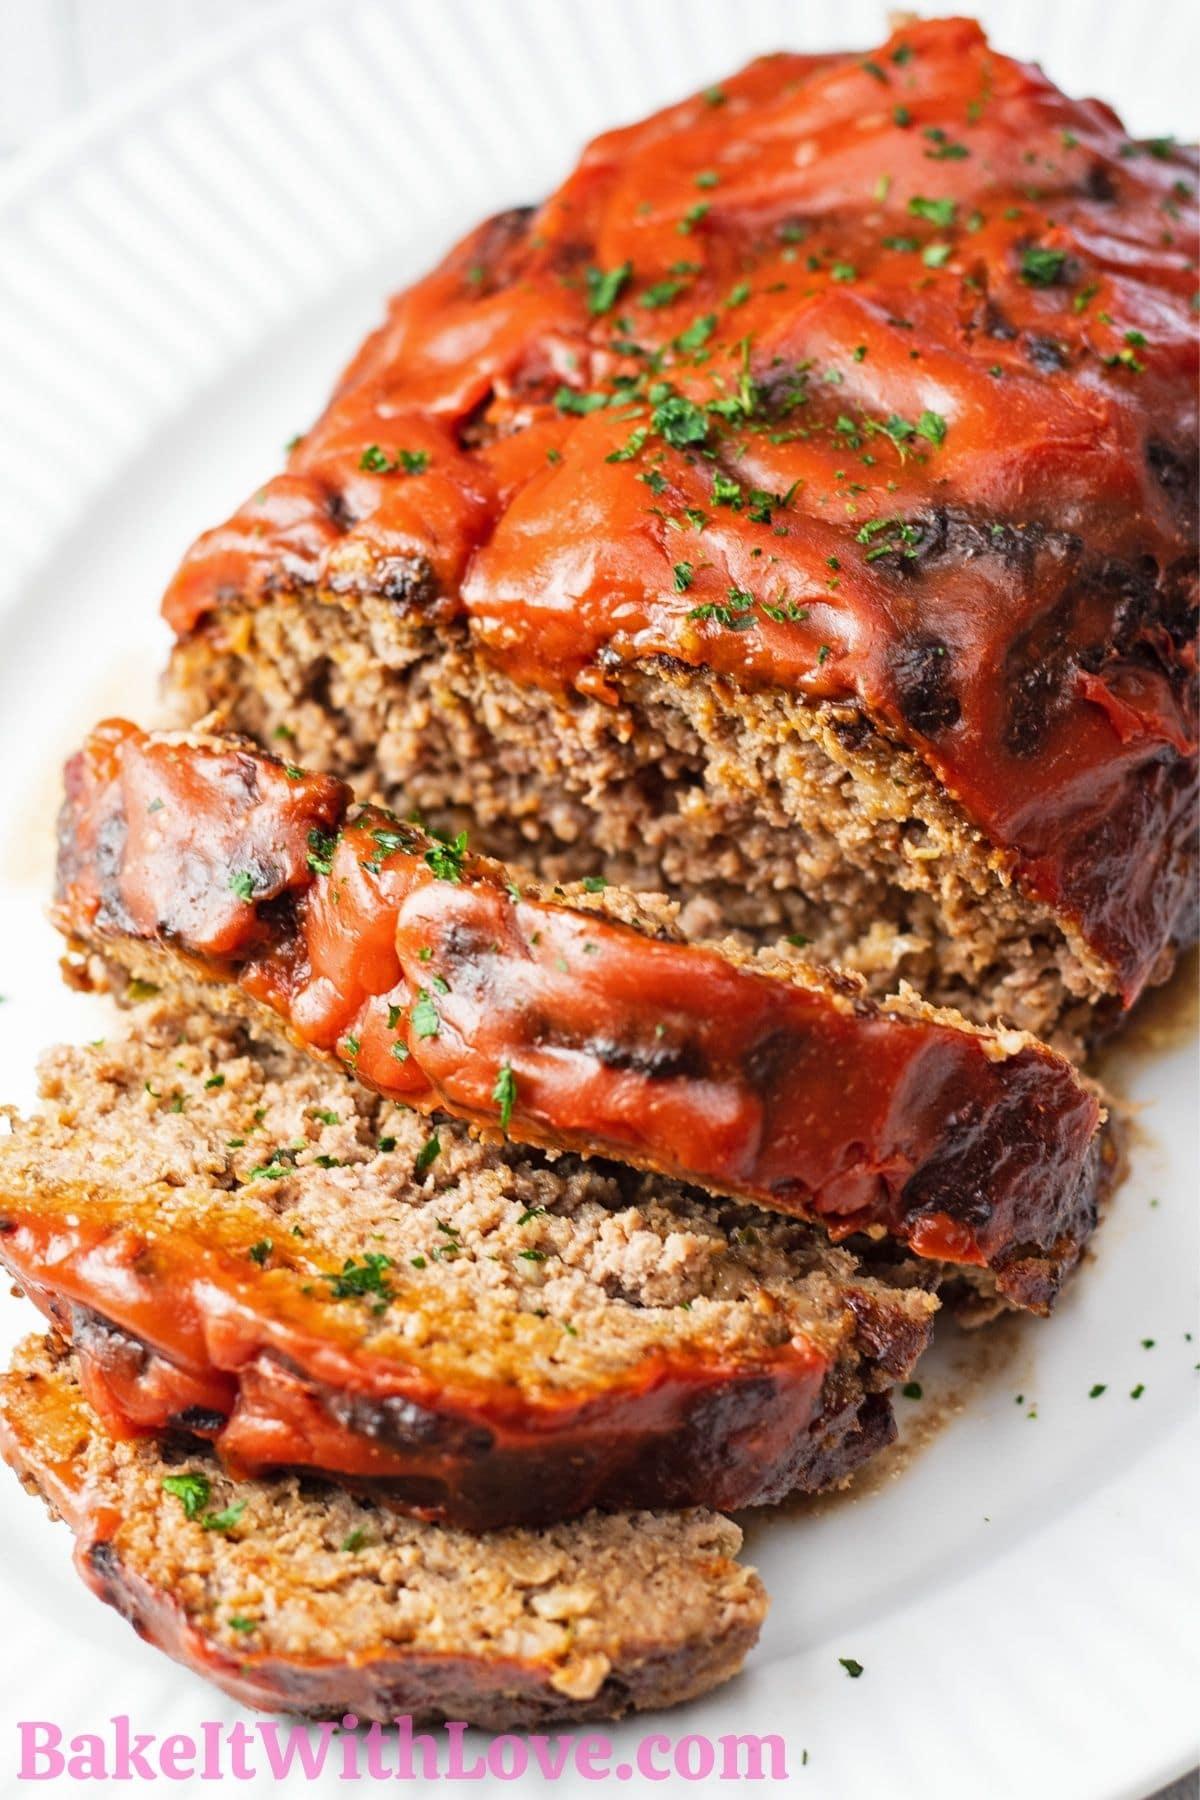 Вкусный-фритюрница-мясной рулет-нарезанный-и-поданный-на-белом блюде.